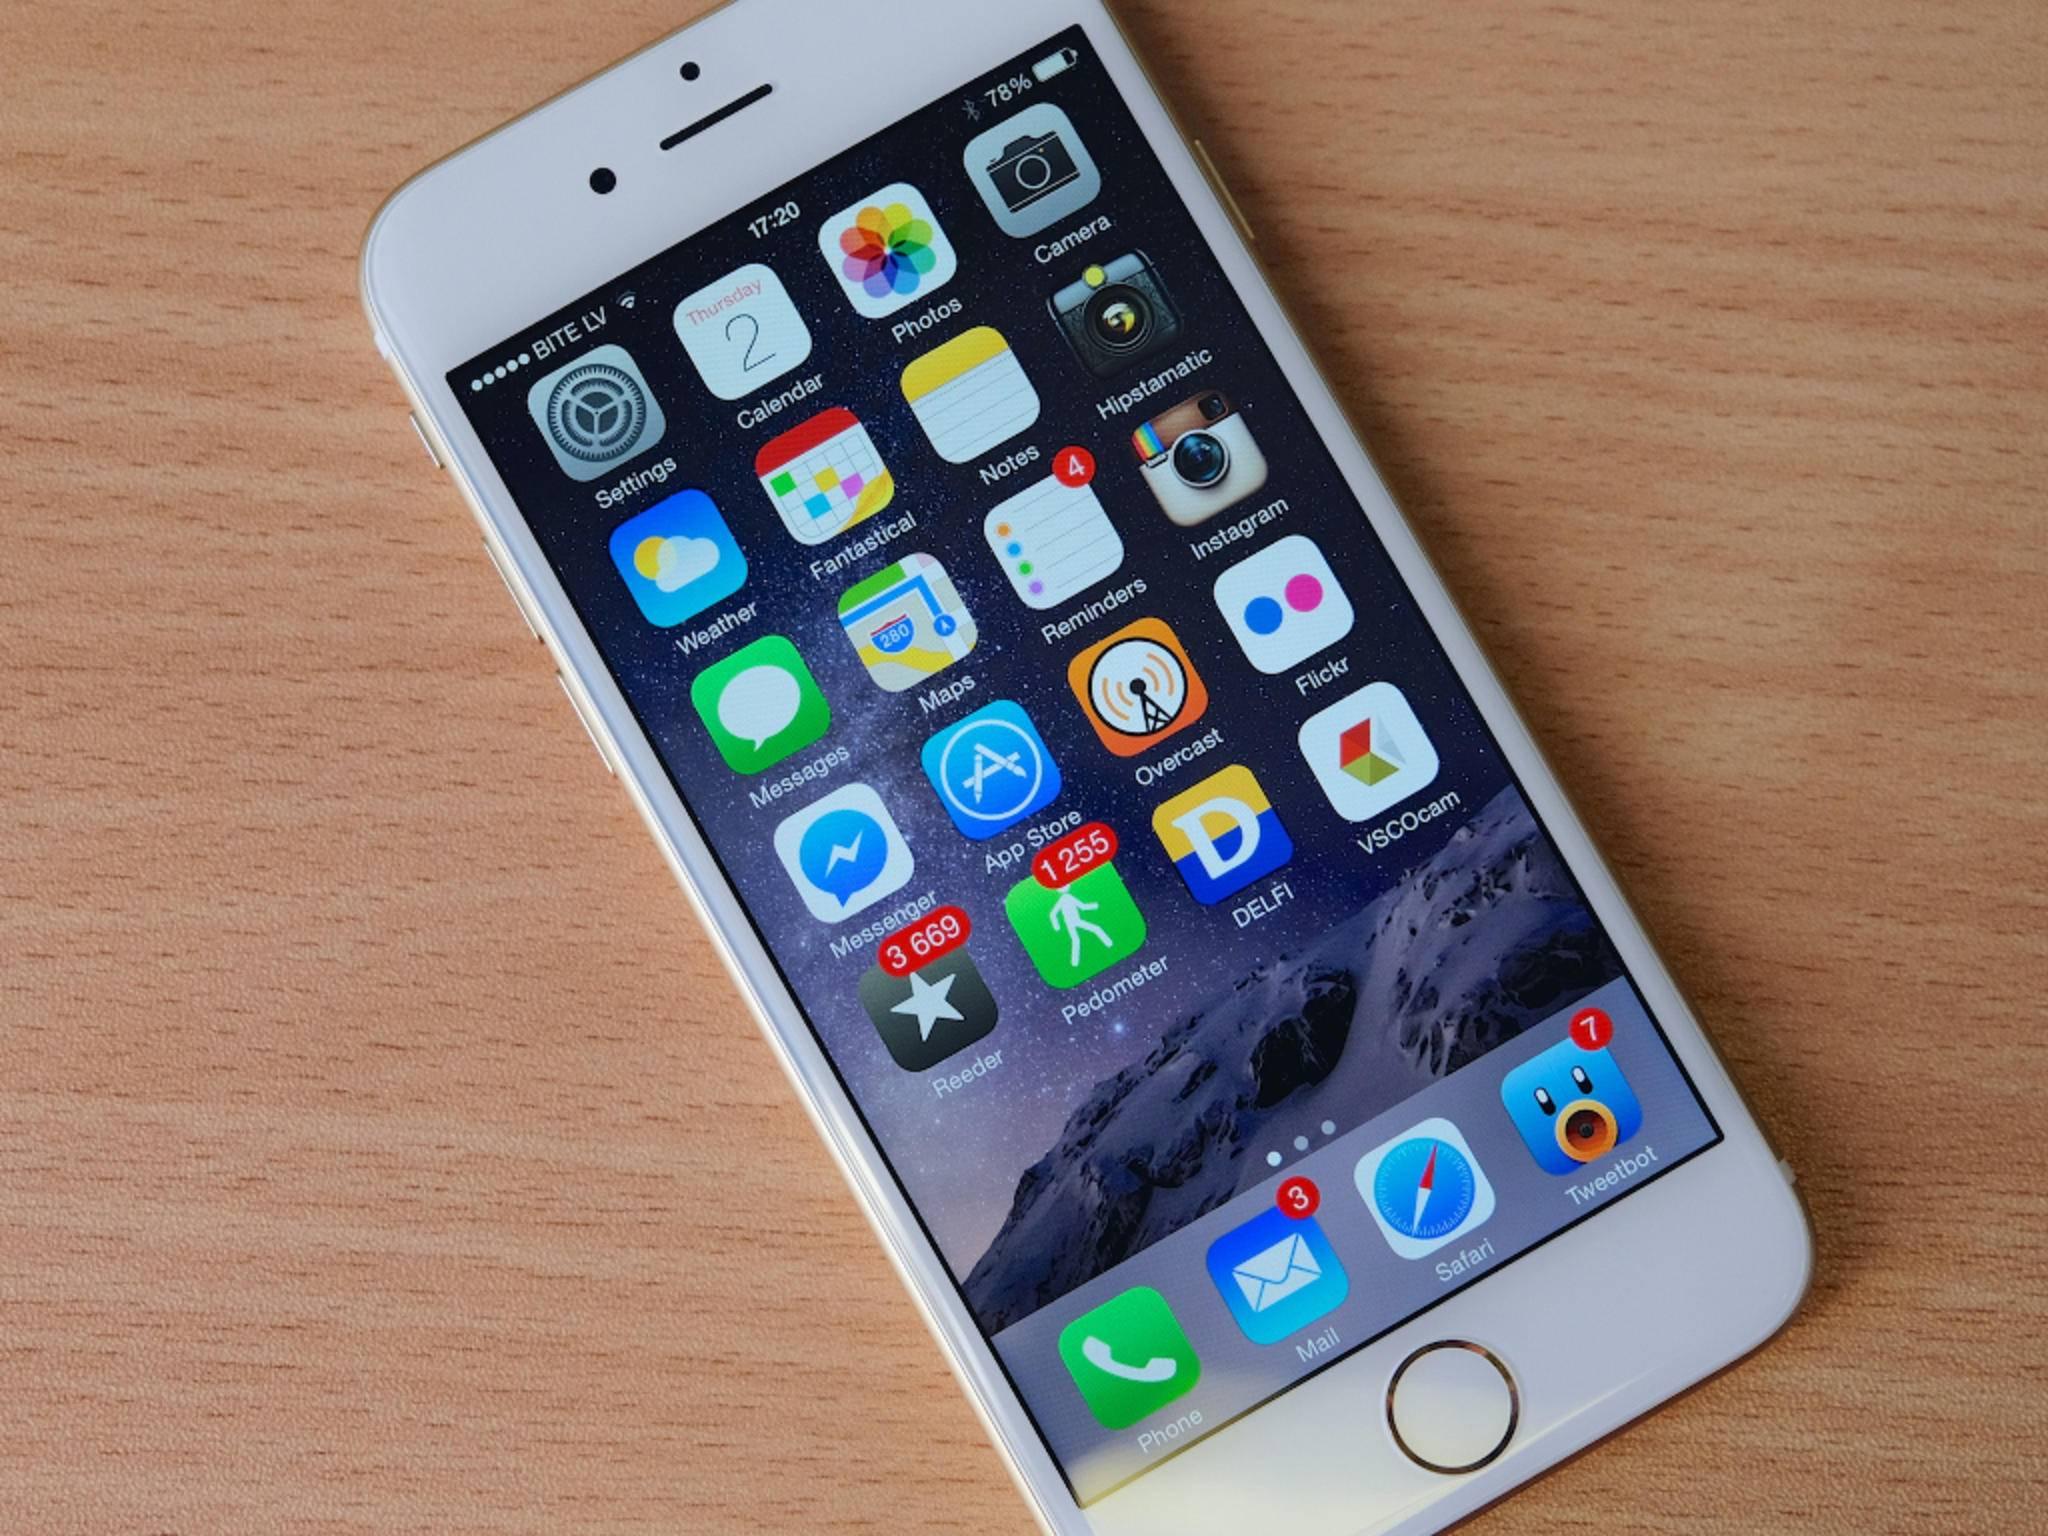 Die Frontkamera des iPhone 6 soll bei manchen Apple-Kunden für Probleme sorgen.